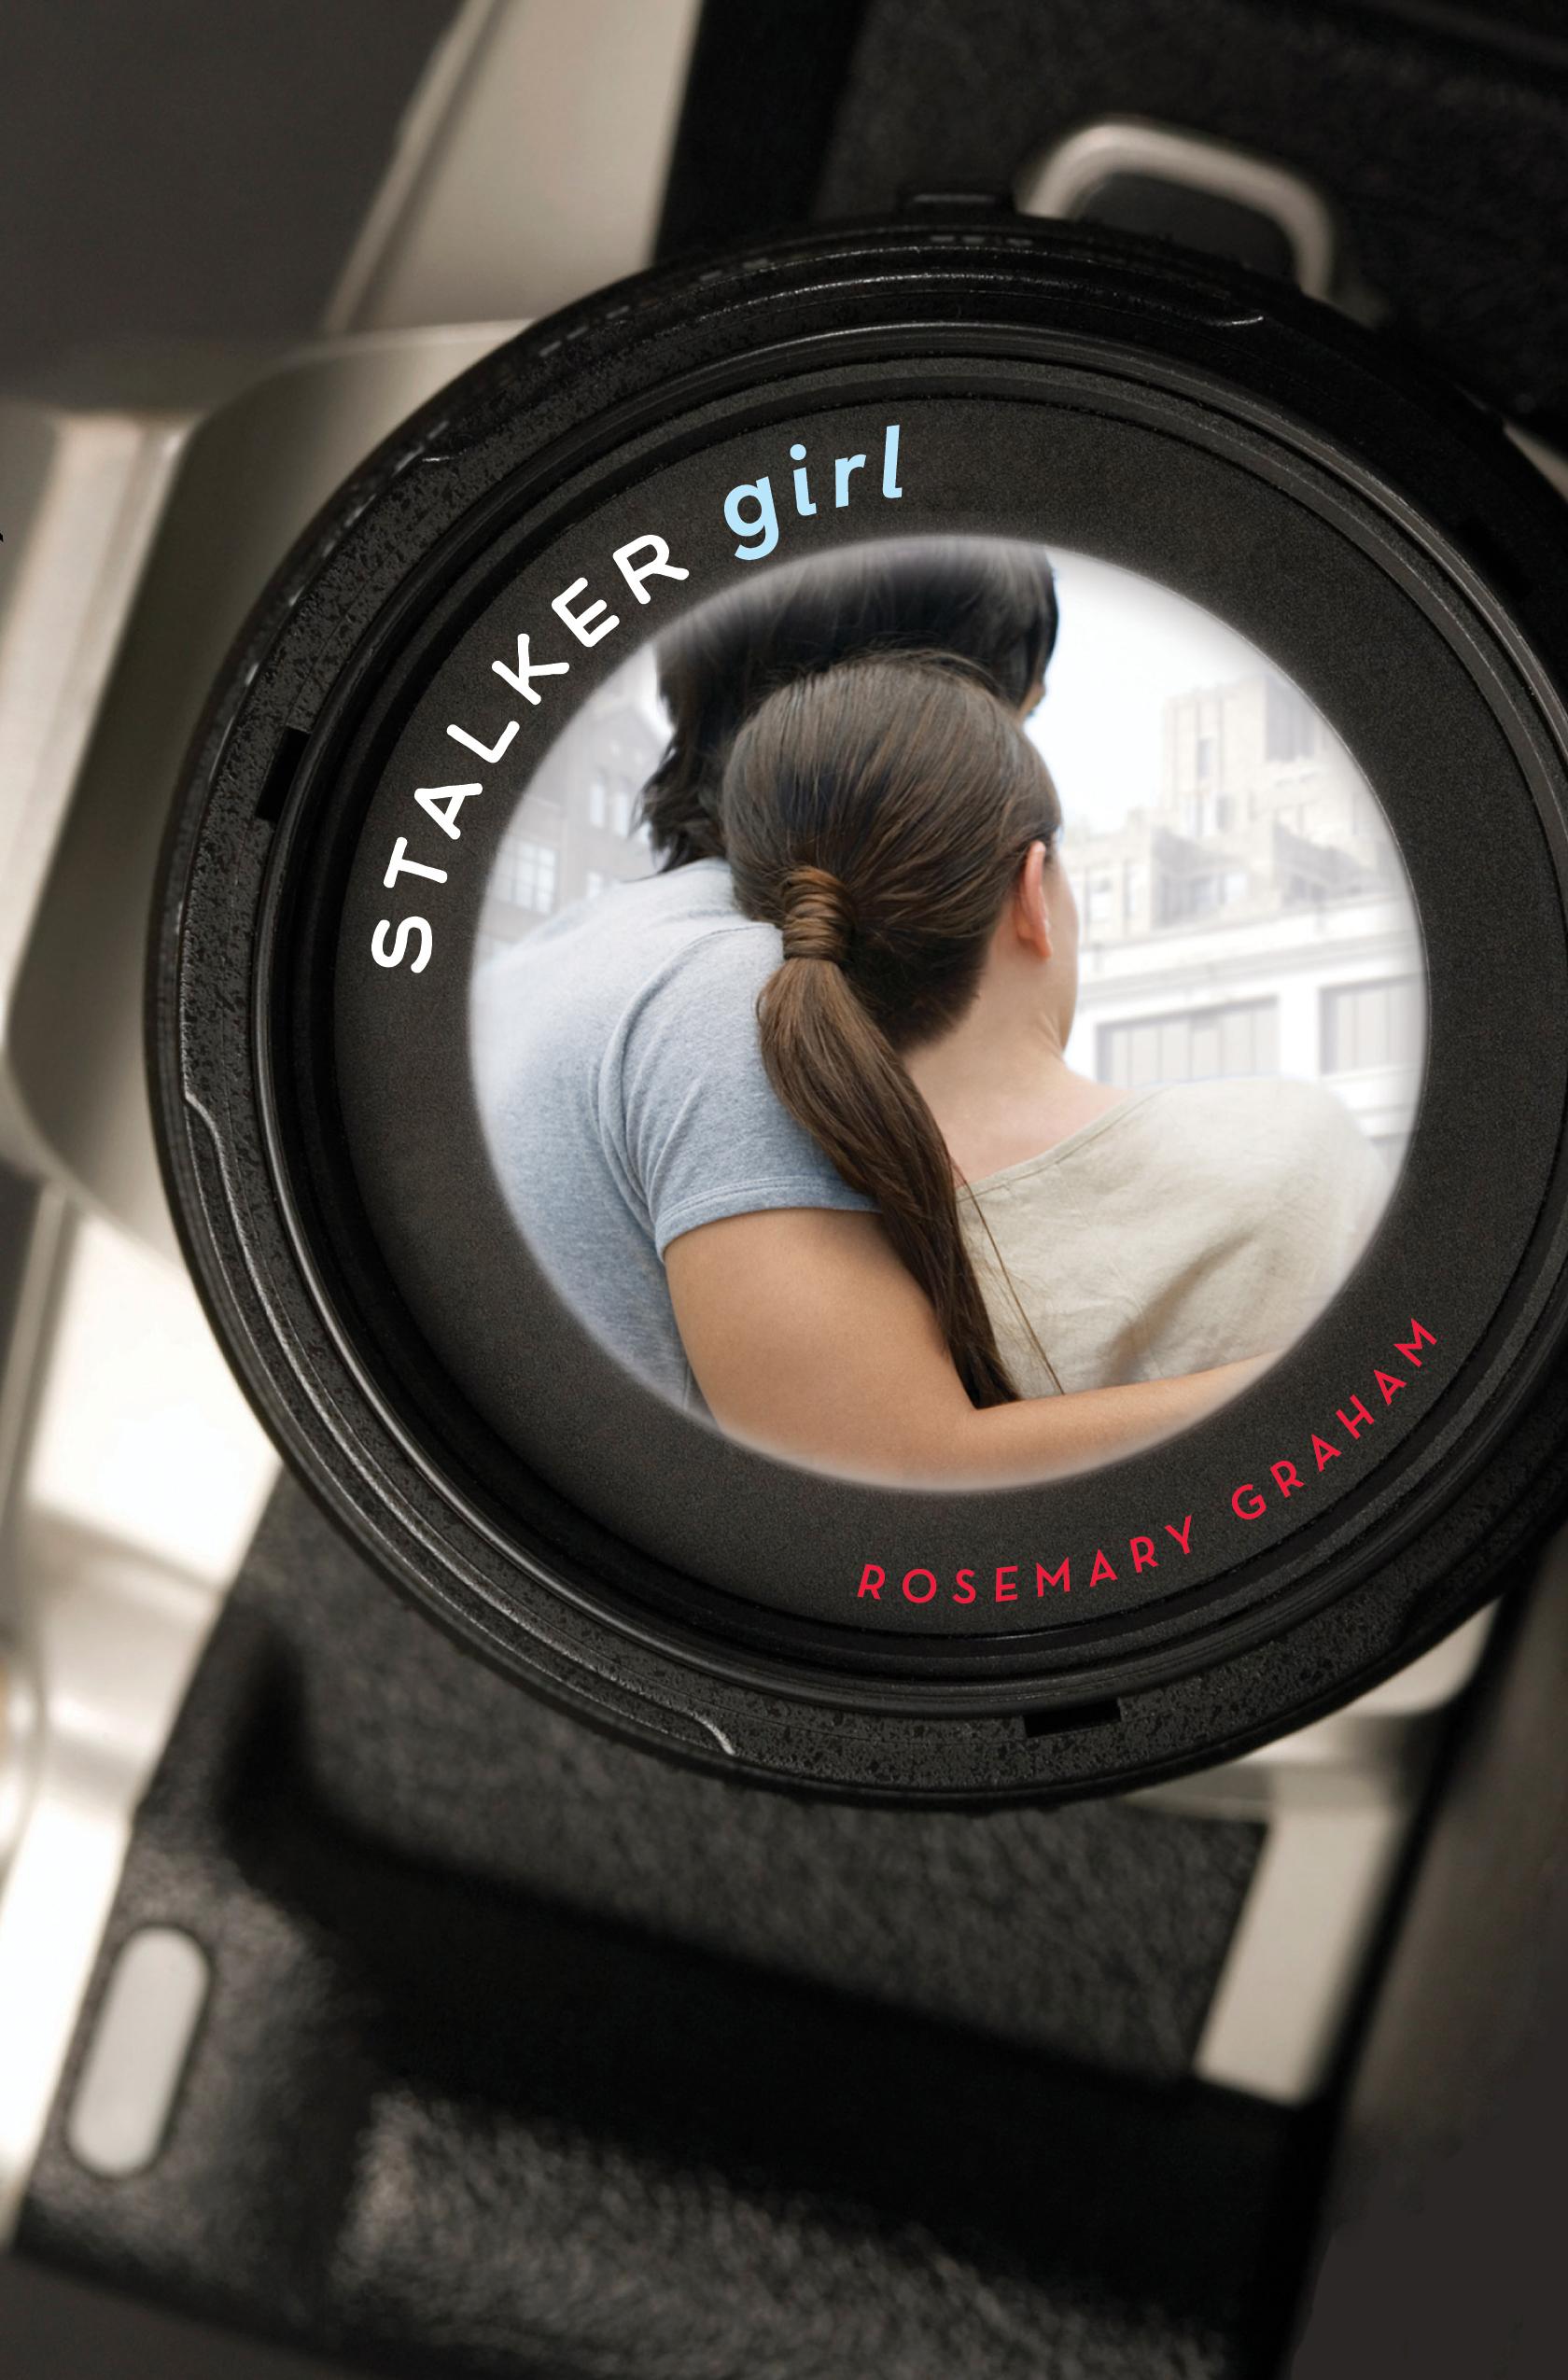 graham-stalker girl.jpeg